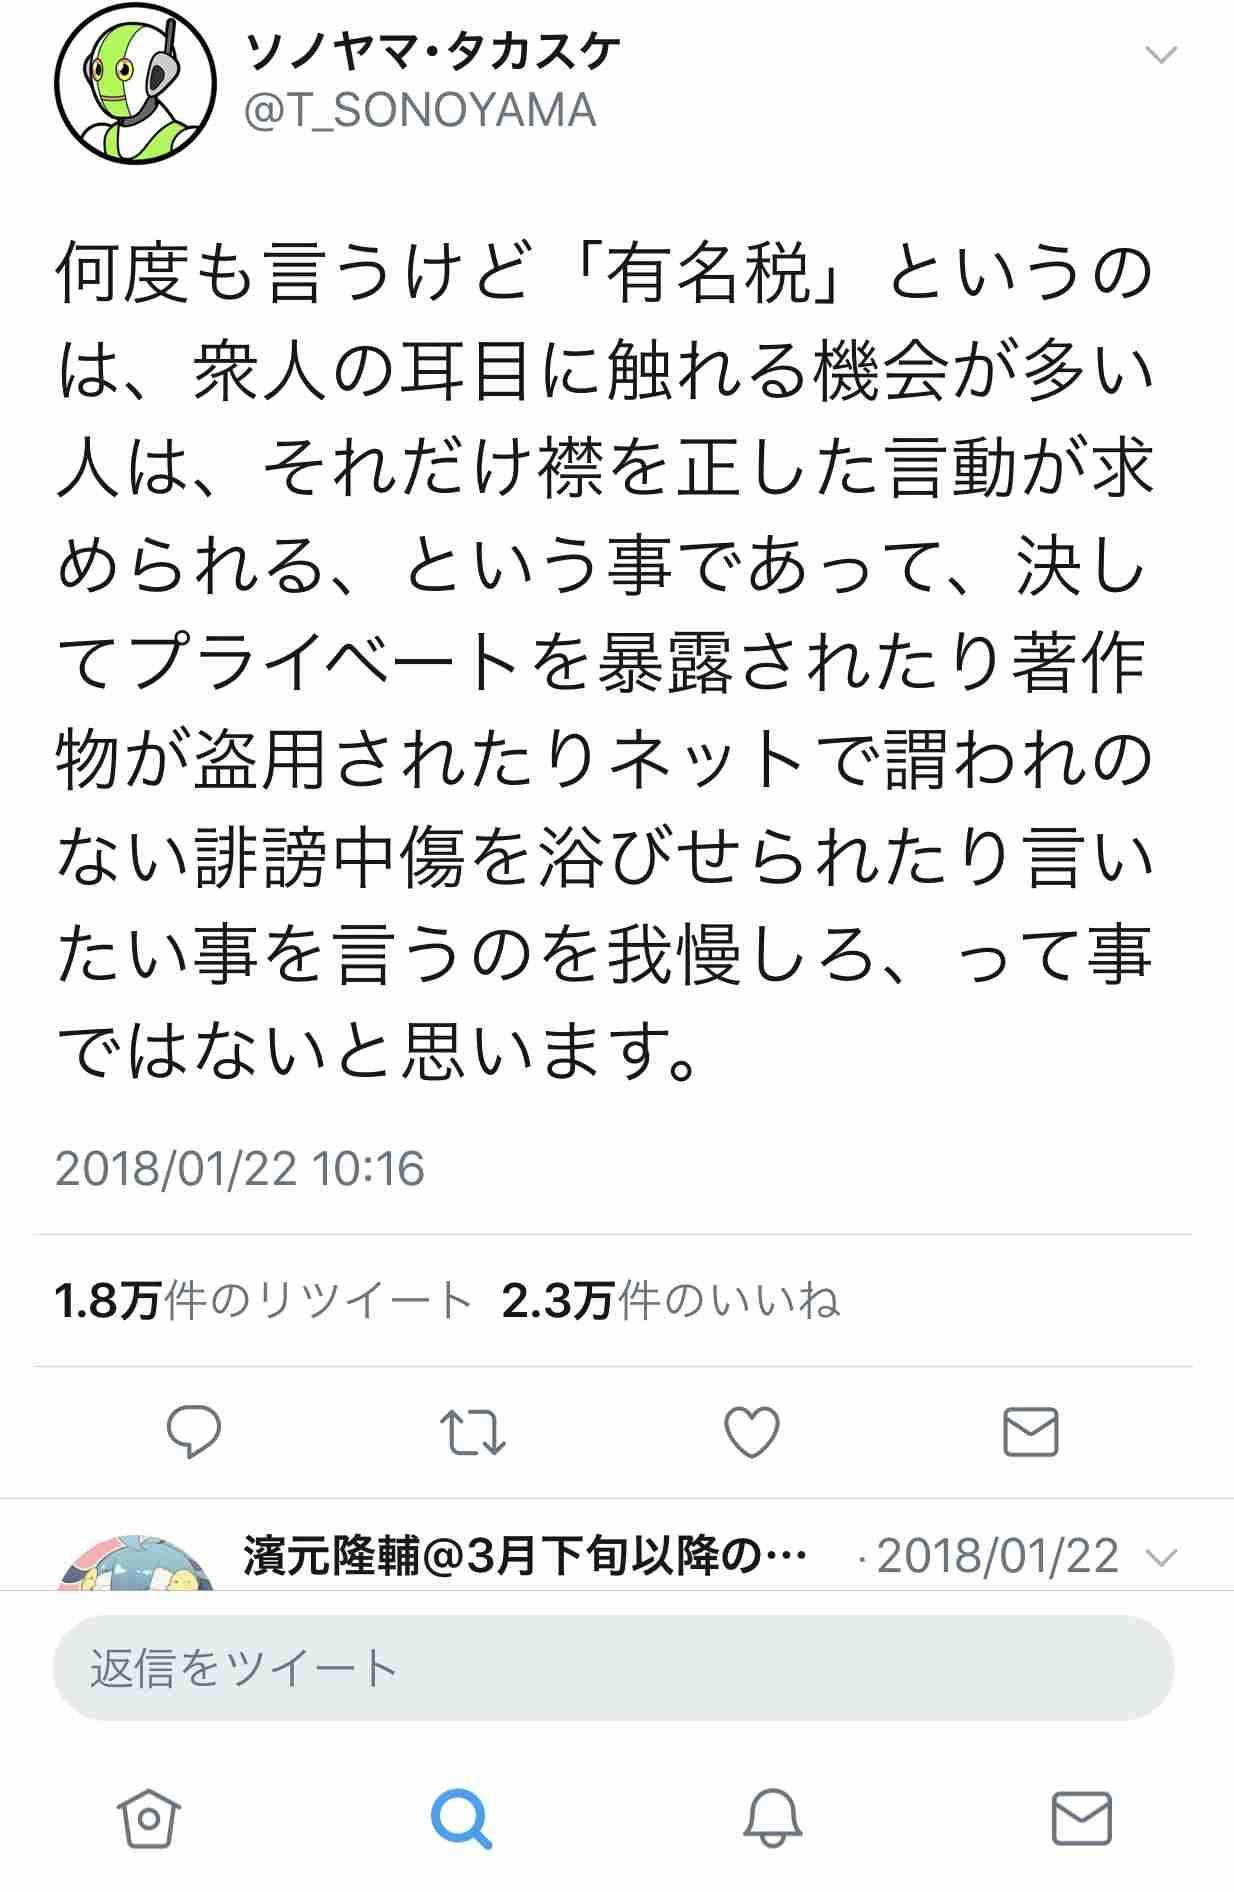 """「有名税だと見過ごしていい時代は終わった」、元アイドル・柴田阿弥が語る""""誹謗中傷""""への考え方"""